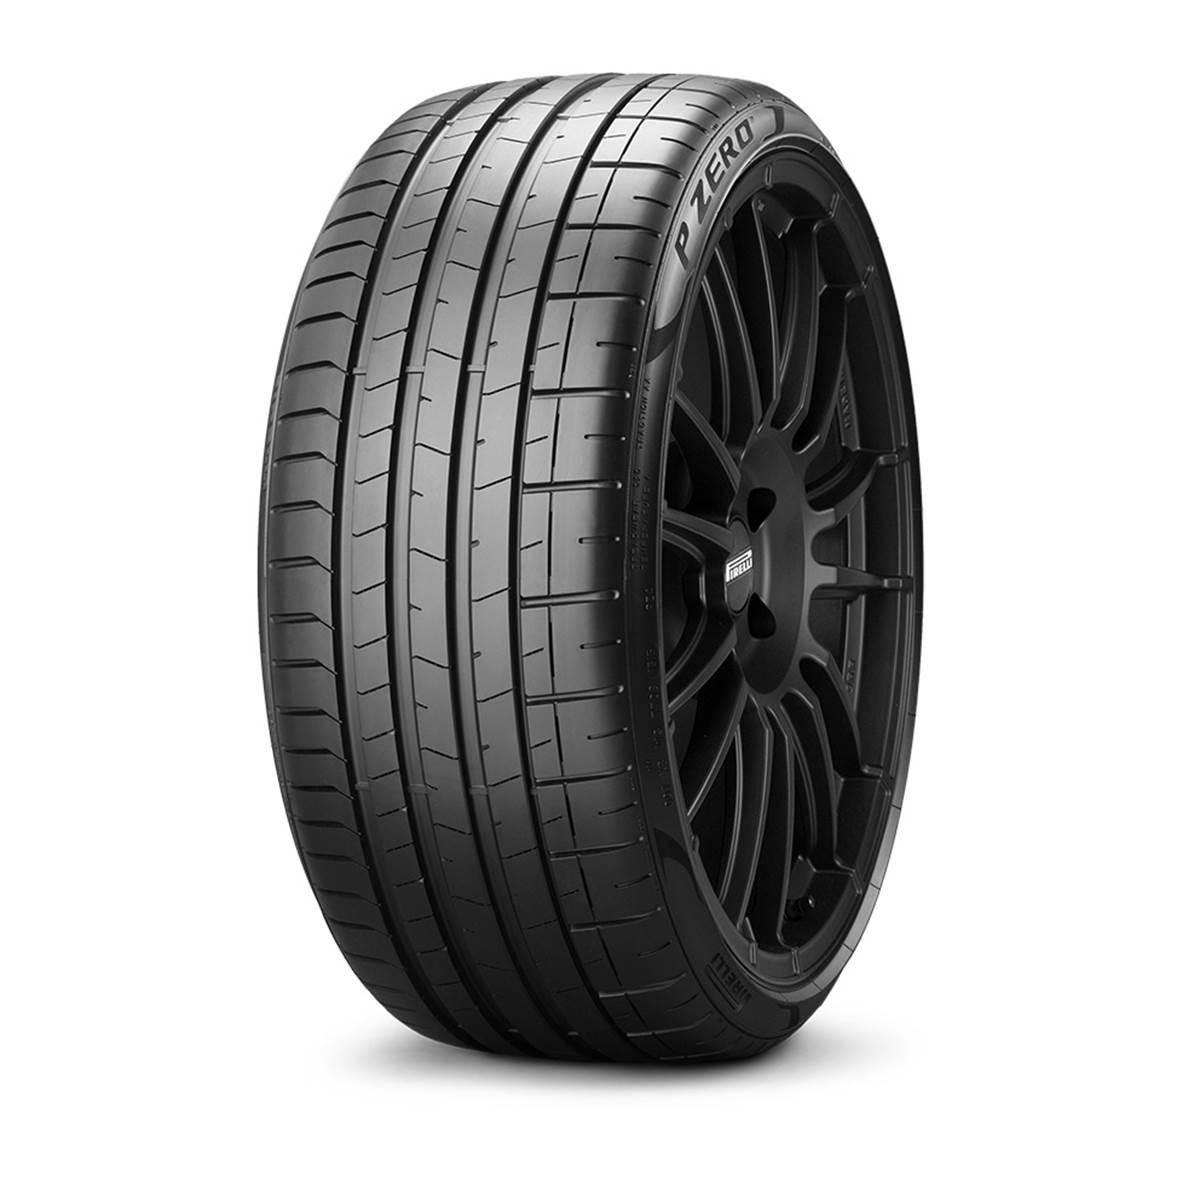 Pneu Runflat Pirelli 255/35R19 92Y Pzero